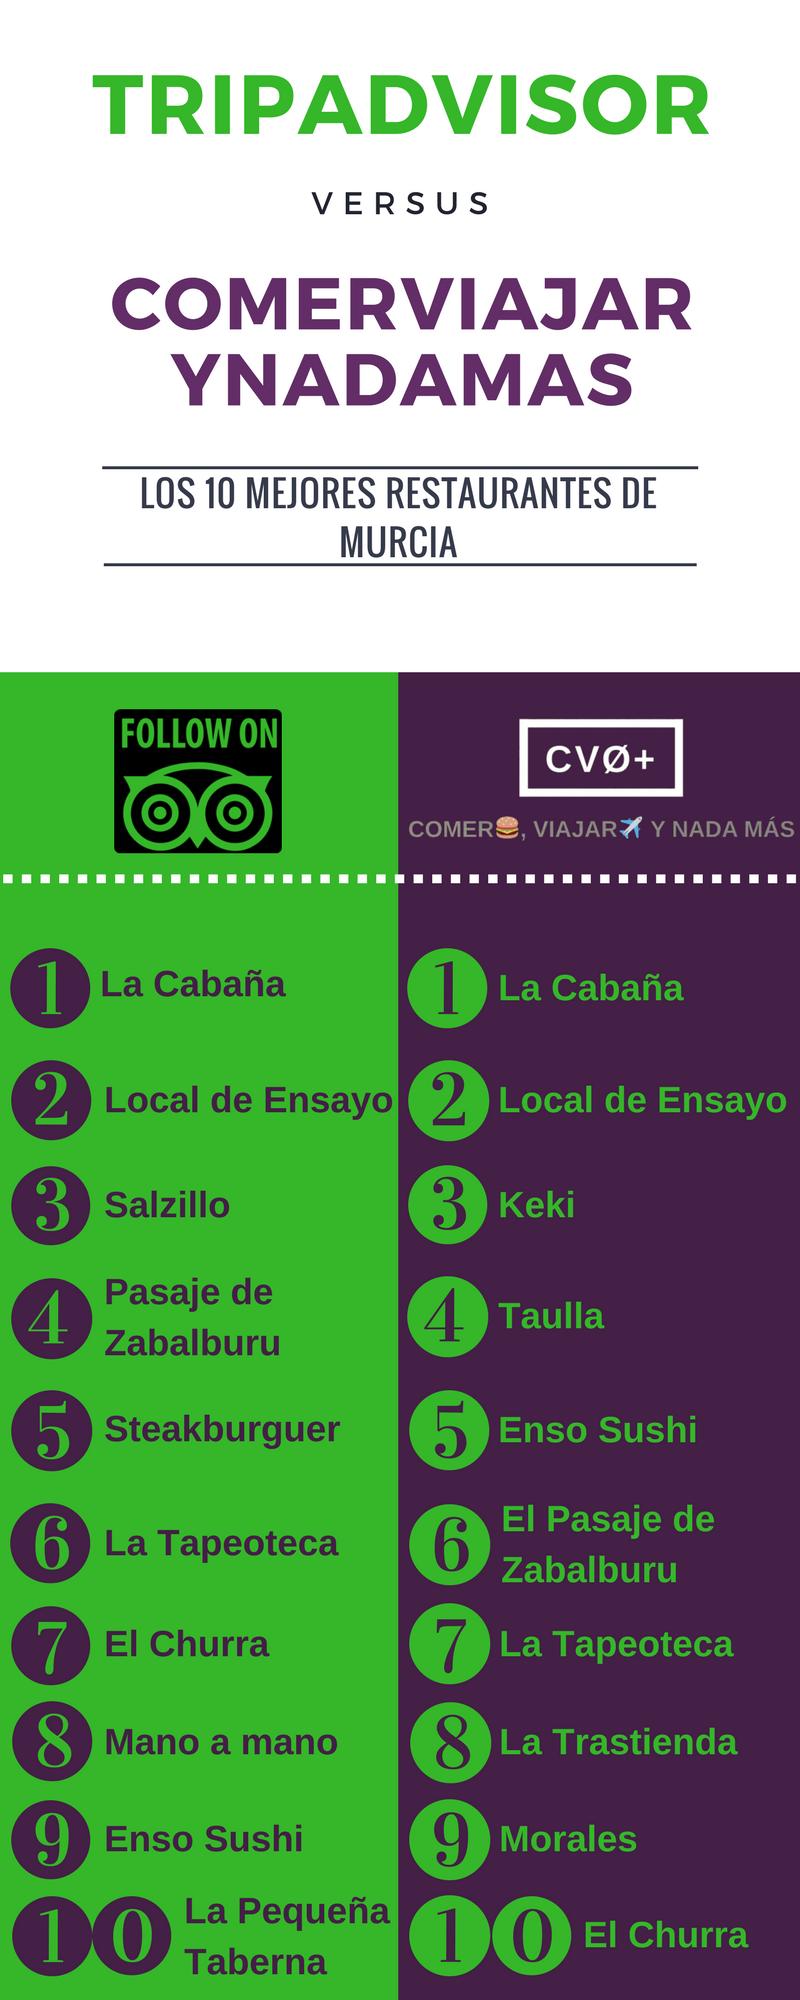 Tripadvisor 10 mejores restaurantes de Murcia